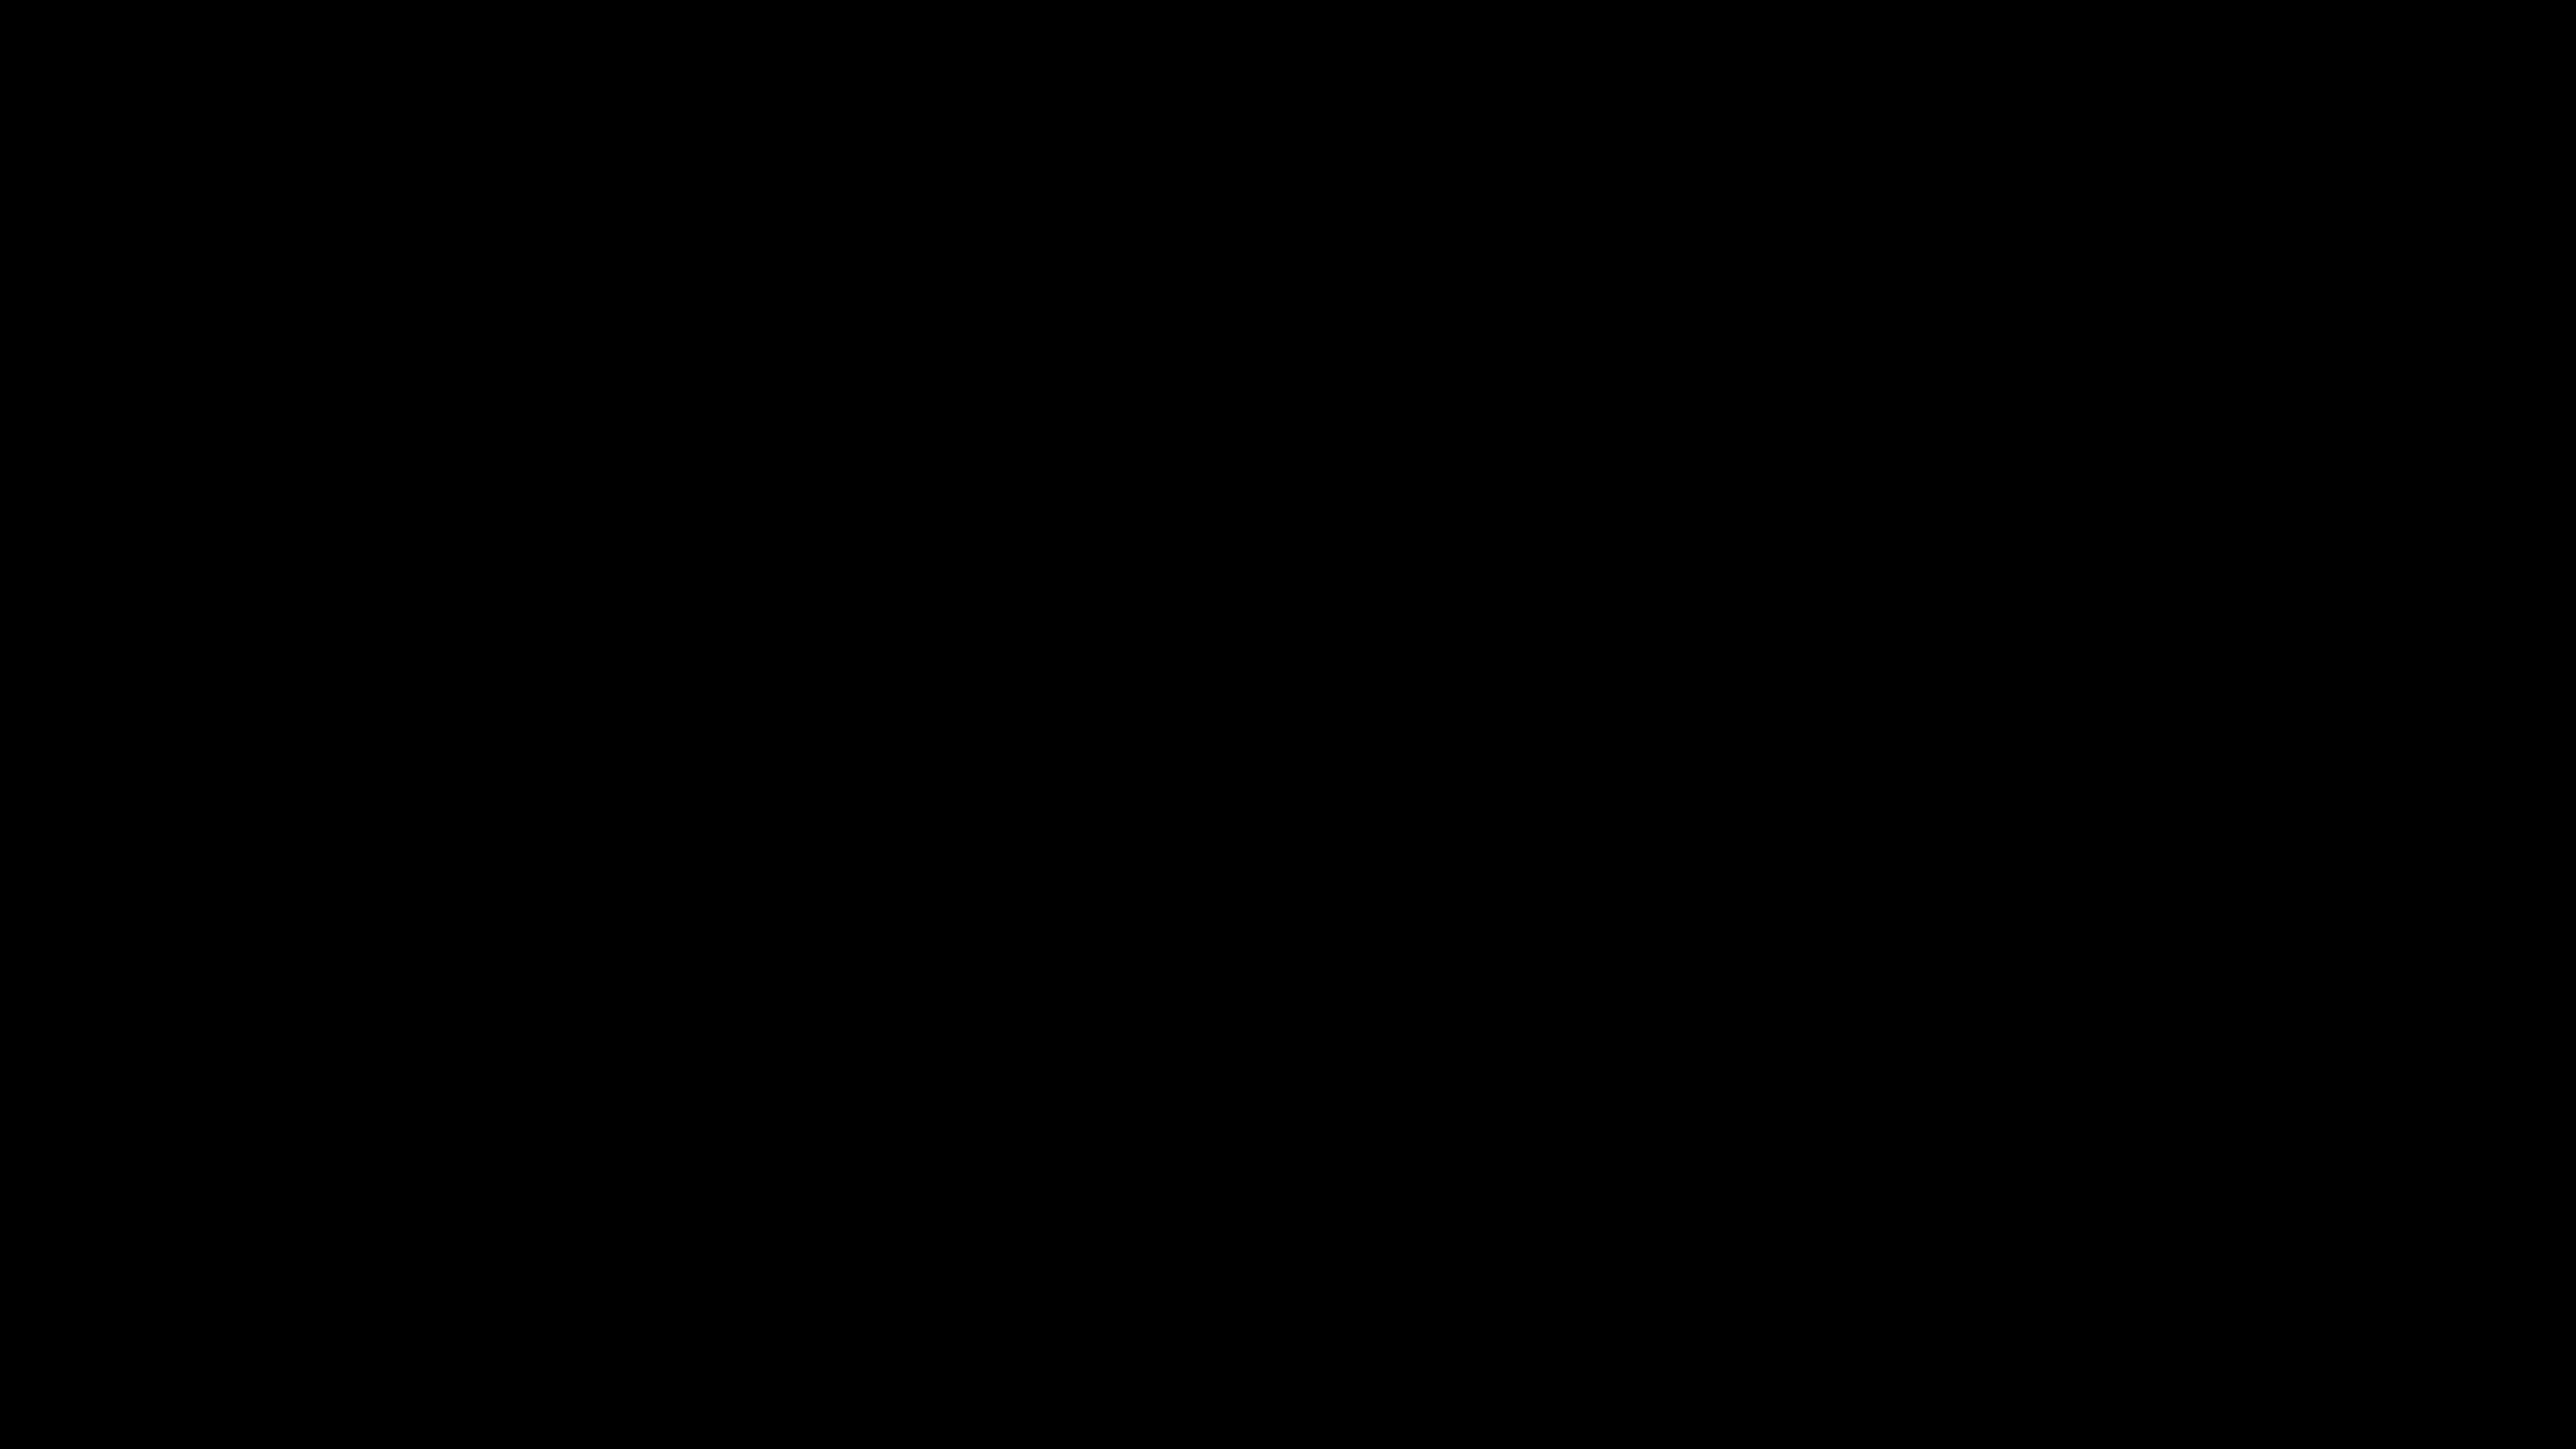 DJI_0275